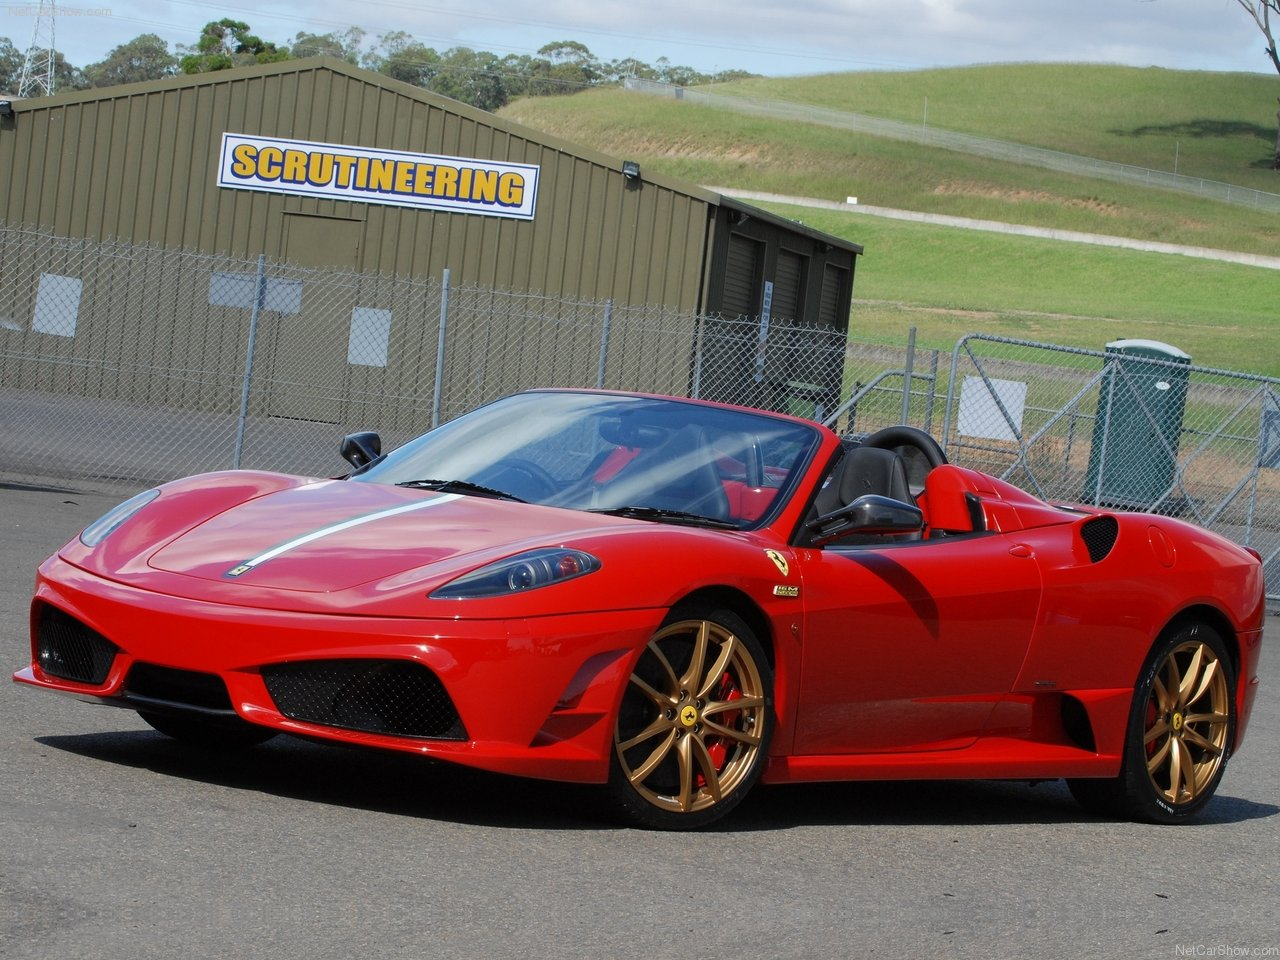 http://3.bp.blogspot.com/-Up20af0c0E8/TYGLXFpPMII/AAAAAAAABs4/Bte8NHIt0Ek/s1600/Ferrari-Scuderia_Spider_16M_2009_1280x960_wallpaper_04.jpg